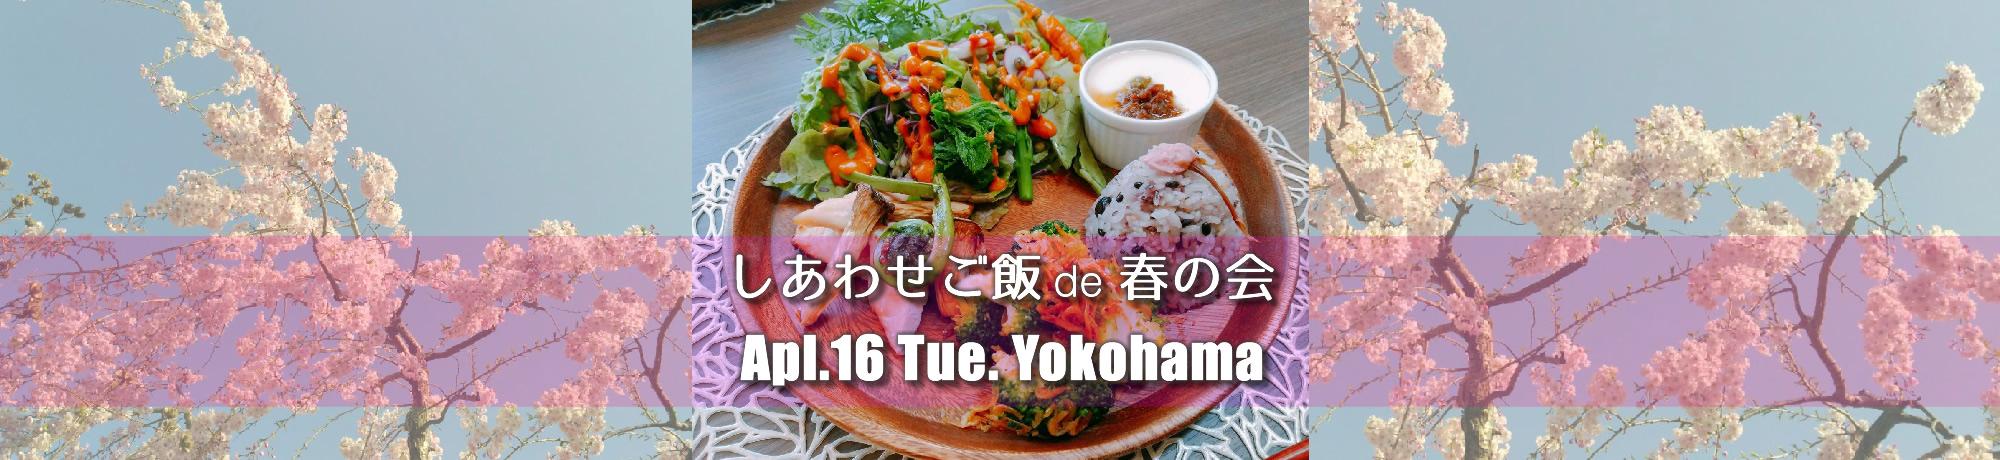 【受付終了】しあわせご飯・春の会 4/16(火)